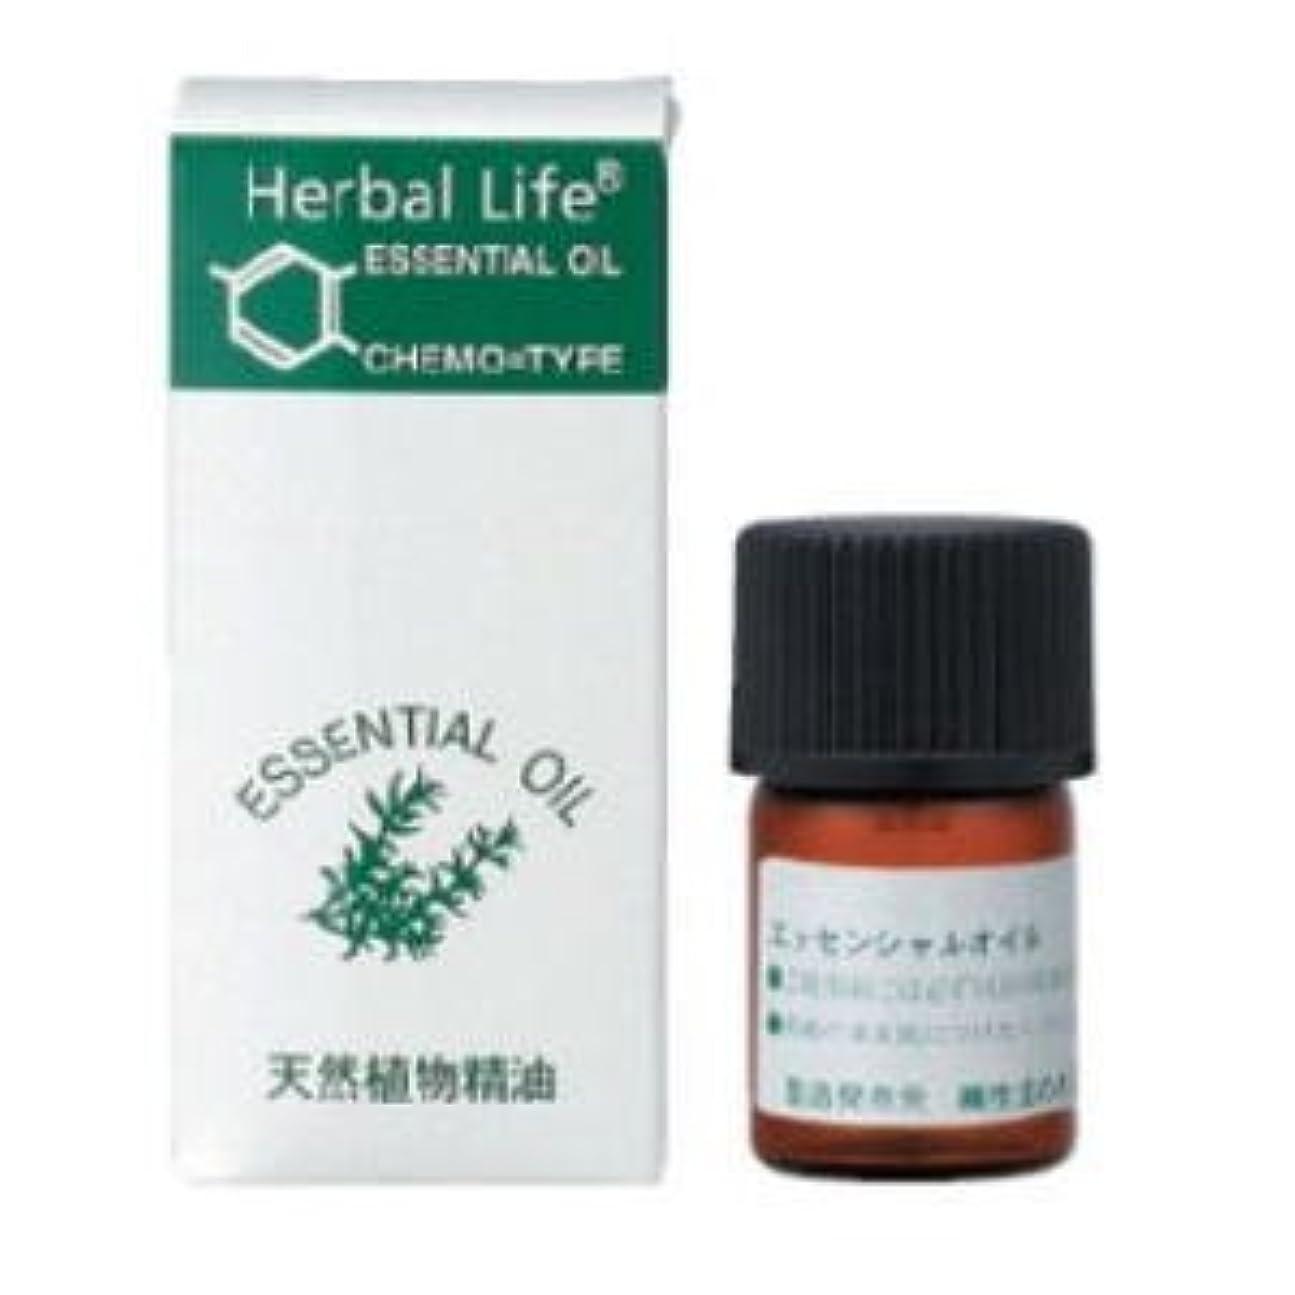 リストボウリング望む生活の木 トンカビーンズAbs. (10%希釈) 3ml エッセンシャルオイル/精油